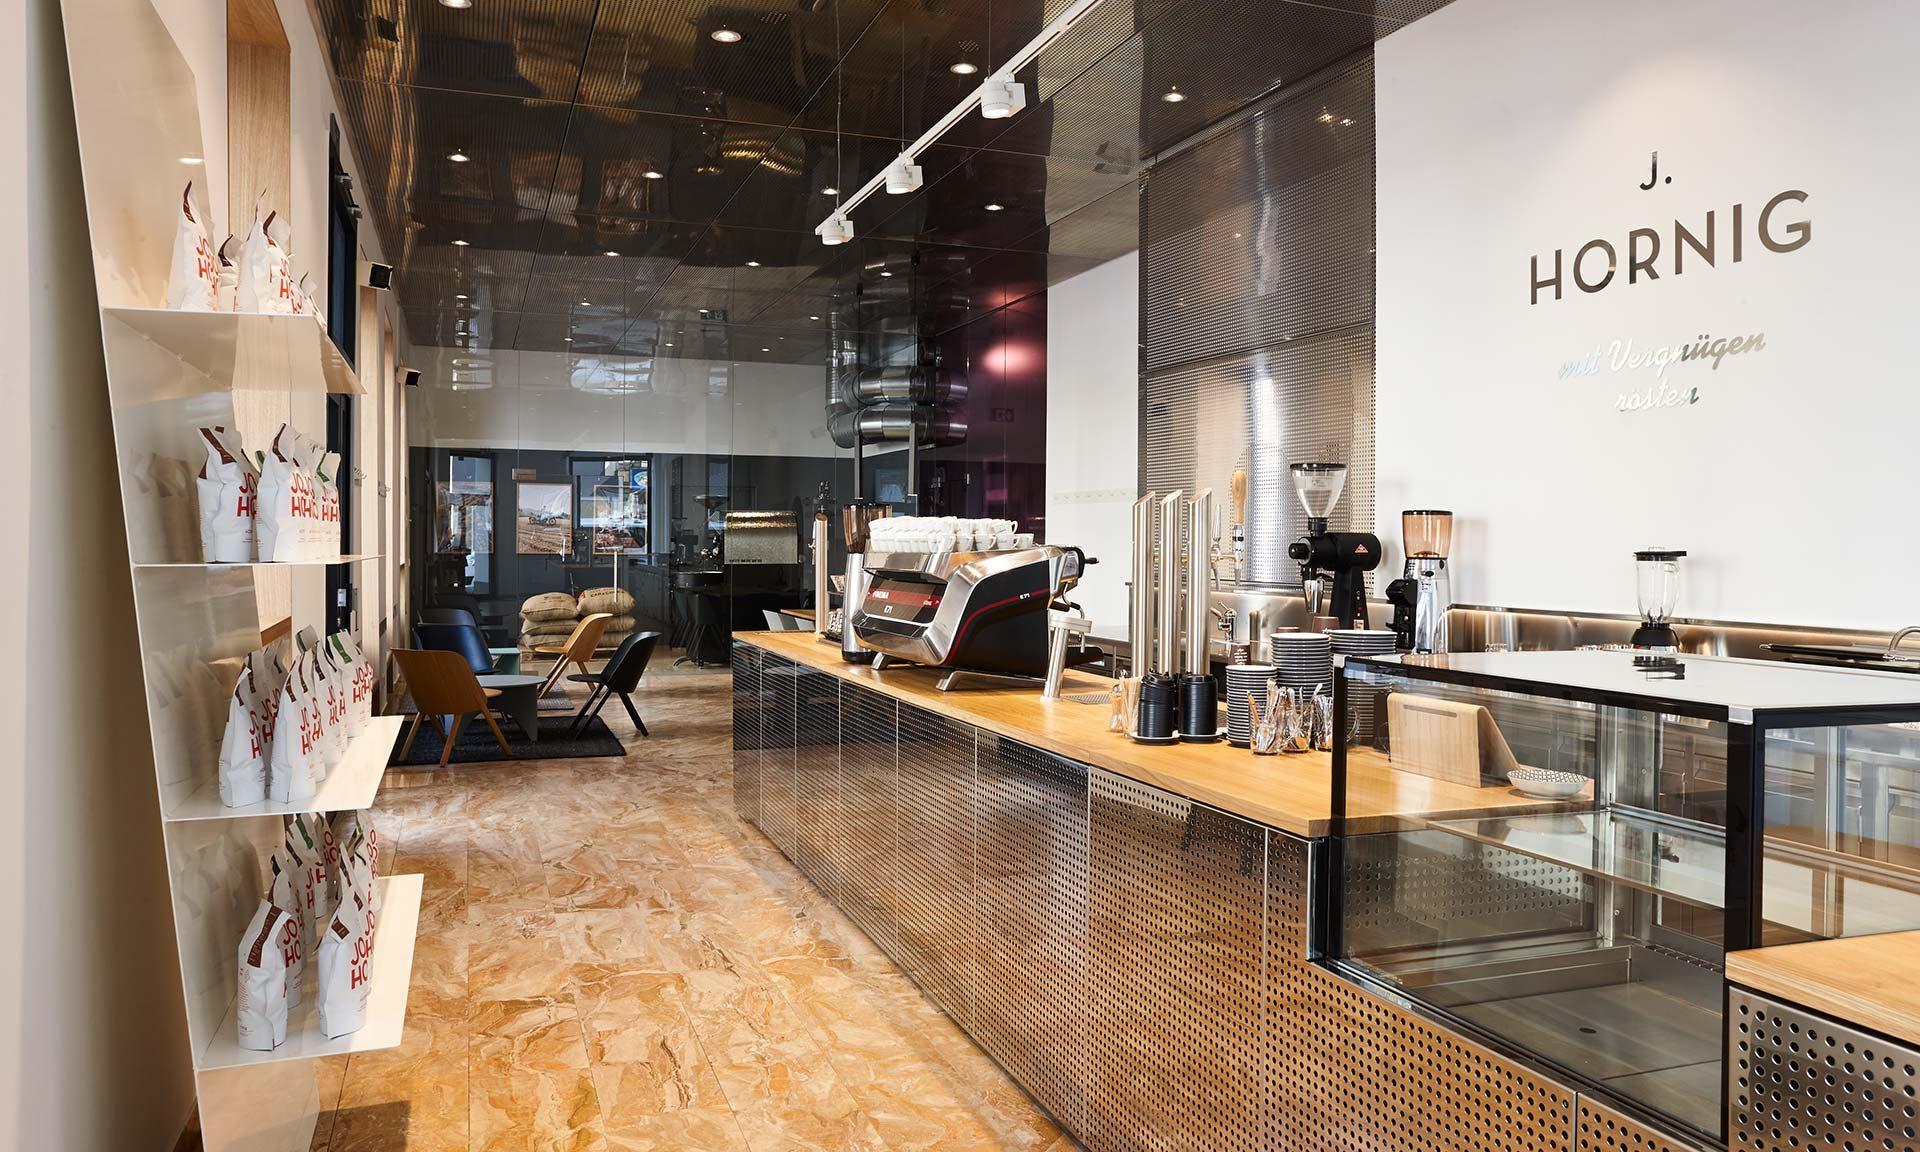 Der neue Coffeeshop in der Siebensterngasse in Wien